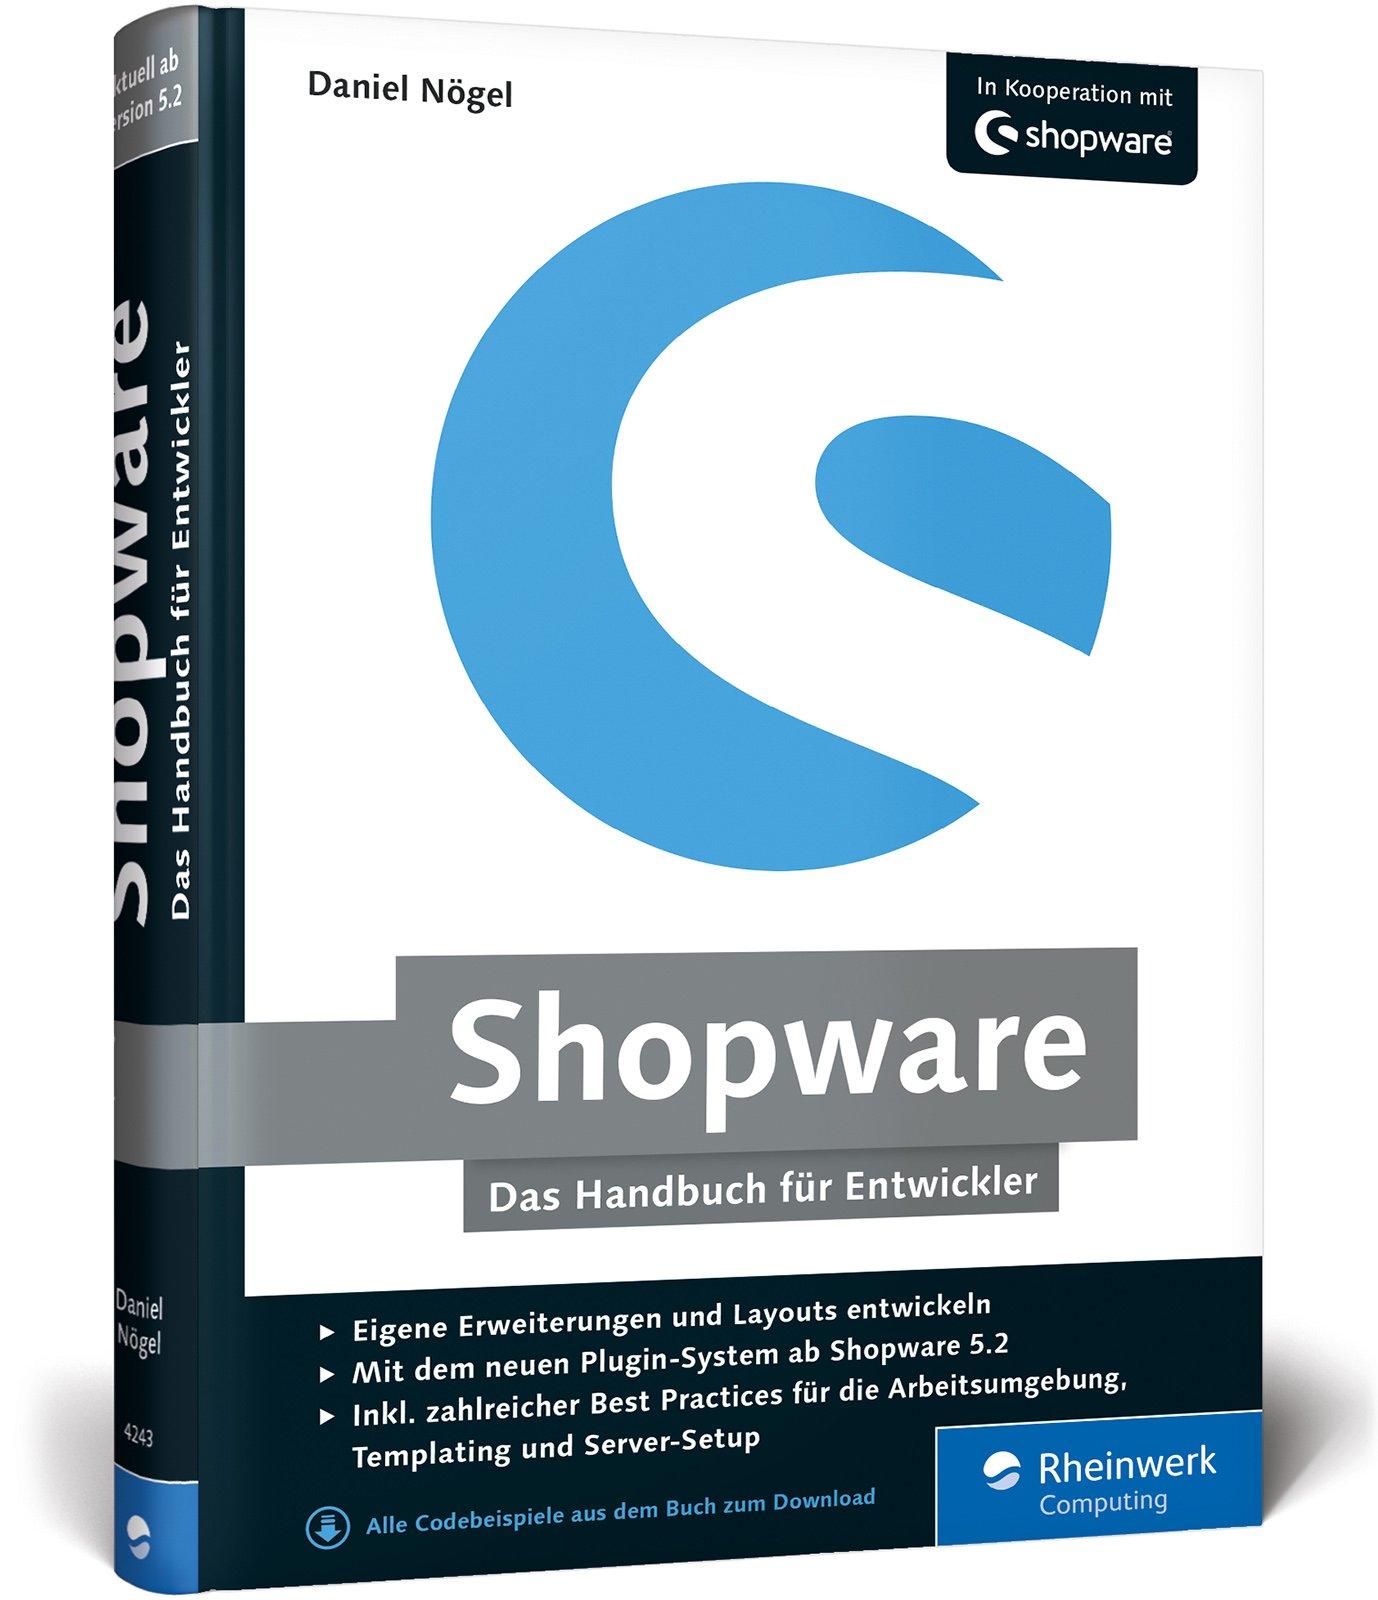 Shopware: Das Handbuch für Entwickler. Installation, Konfiguration, Templating, Plugin-Entwicklung u. v. m.